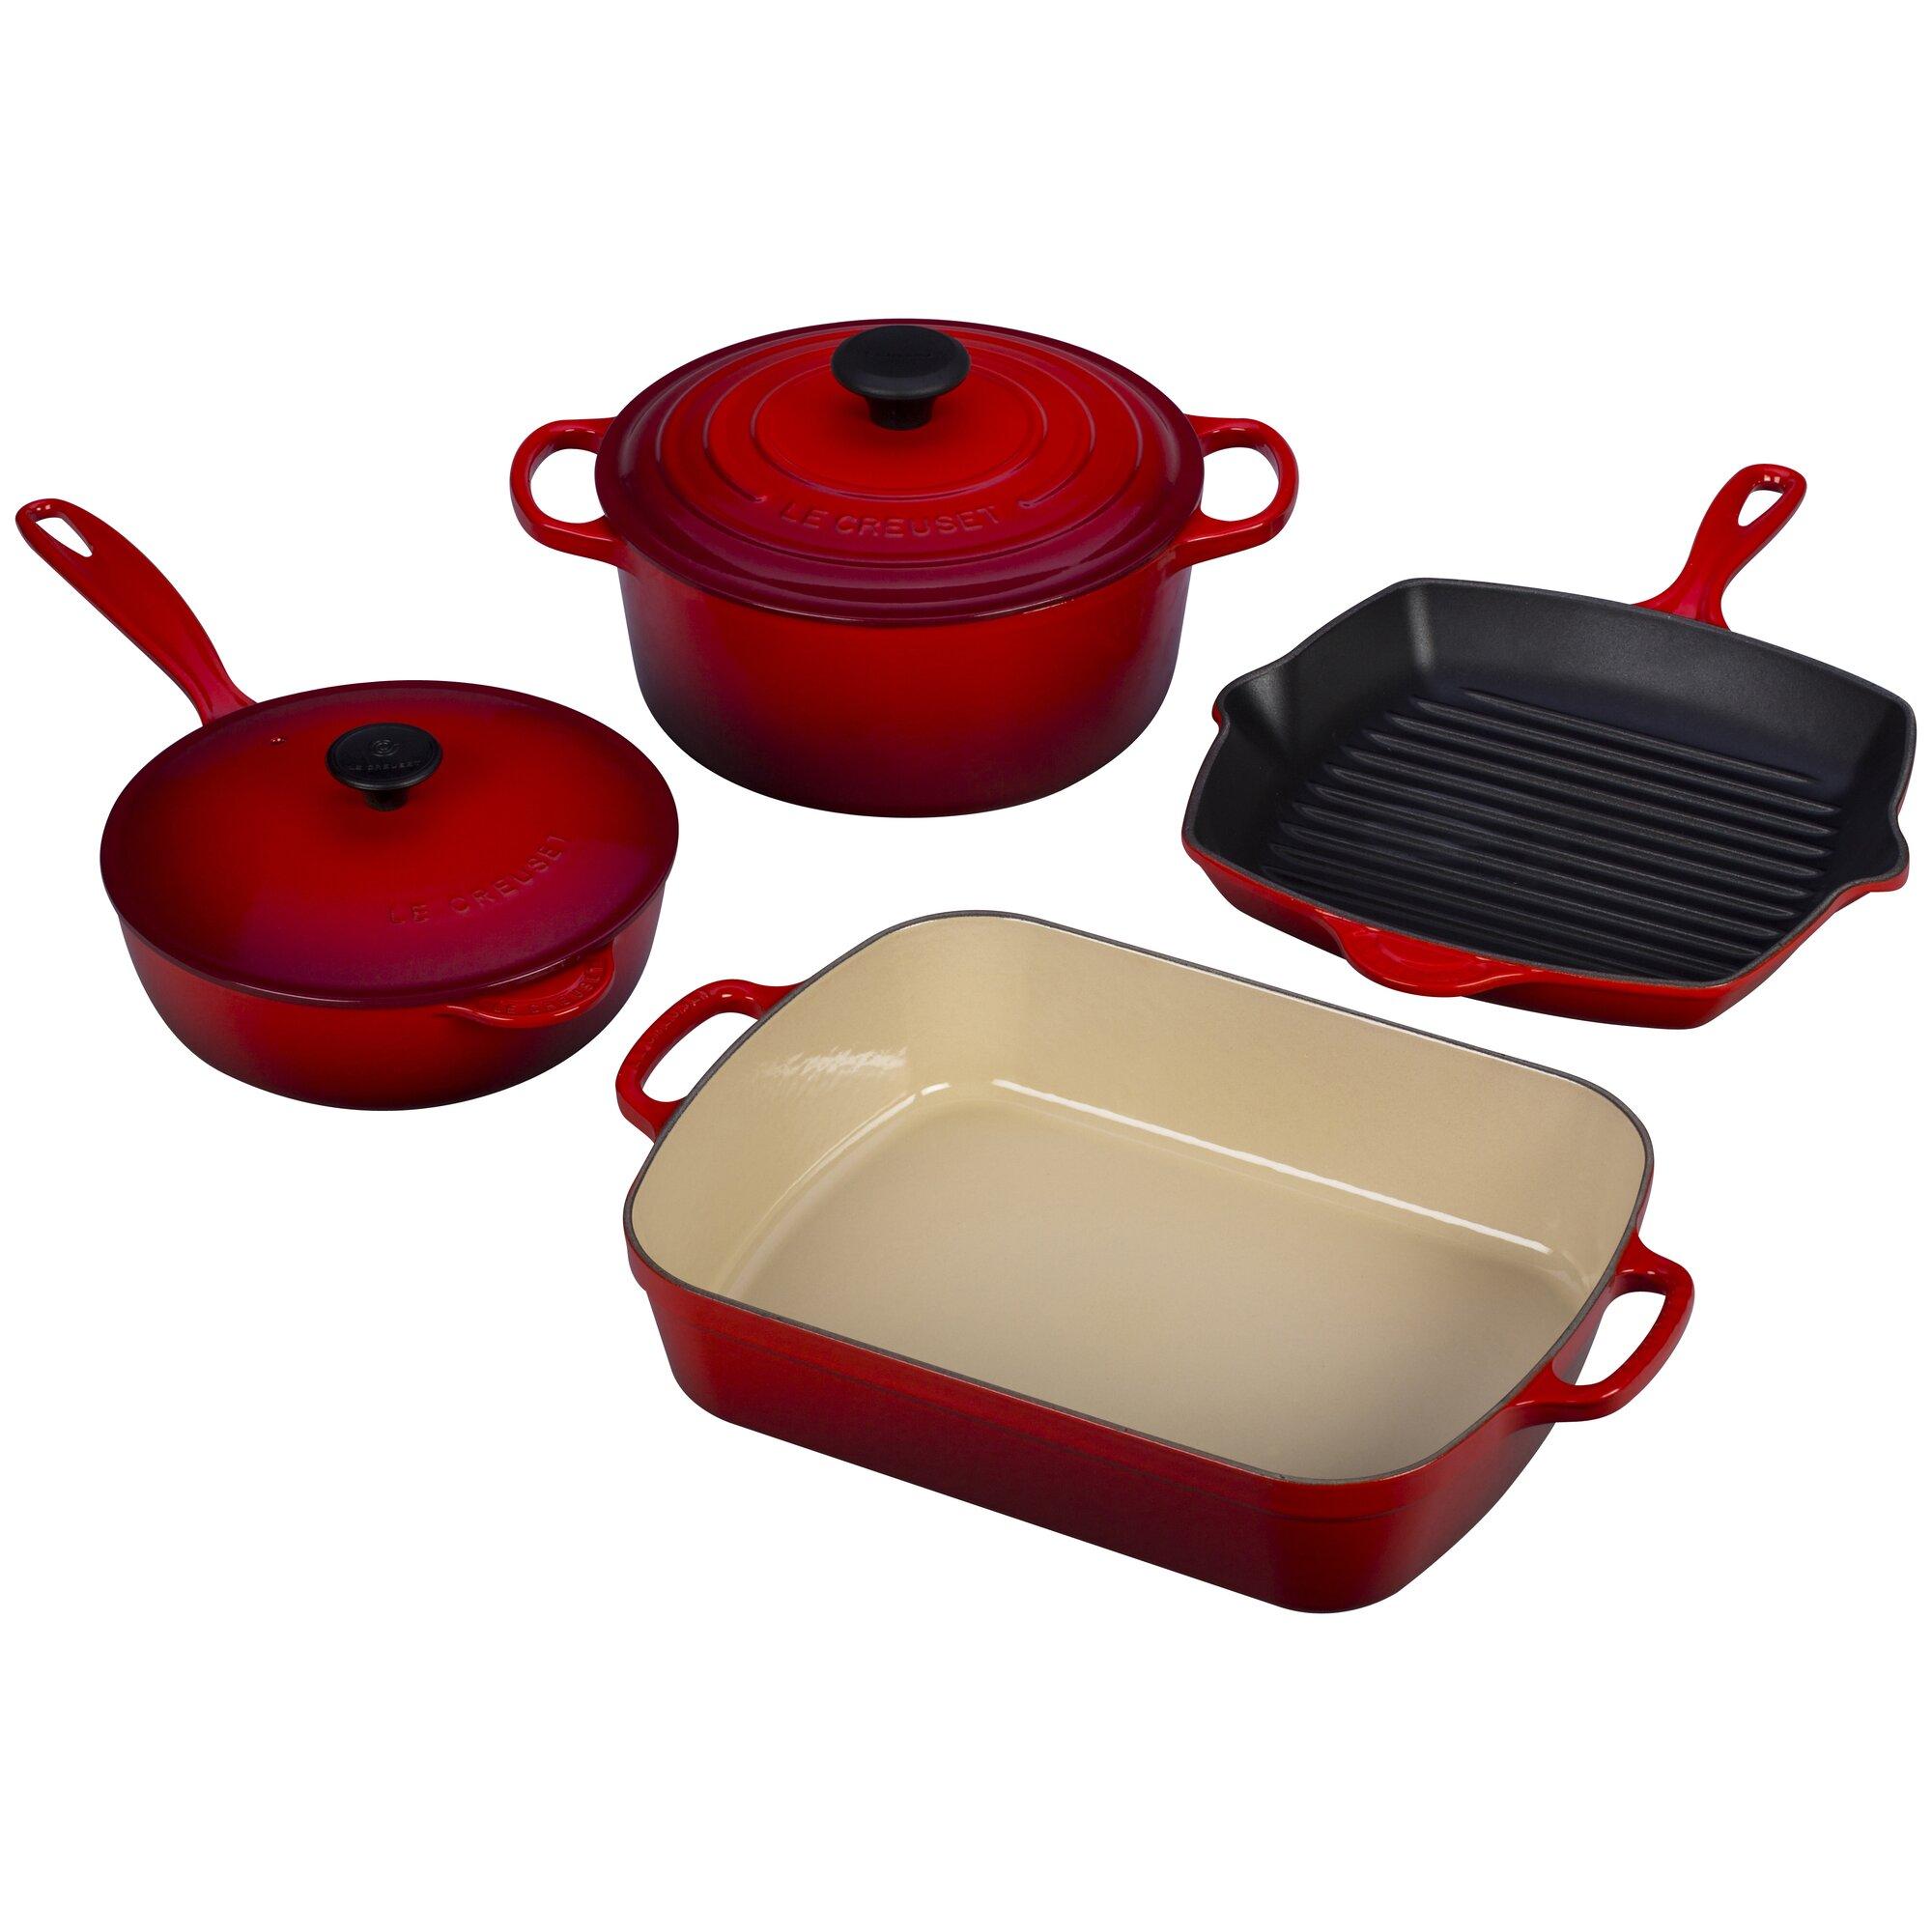 Le Creuset Cast Iron Signature 6 Piece Cookware Set & Reviews ...